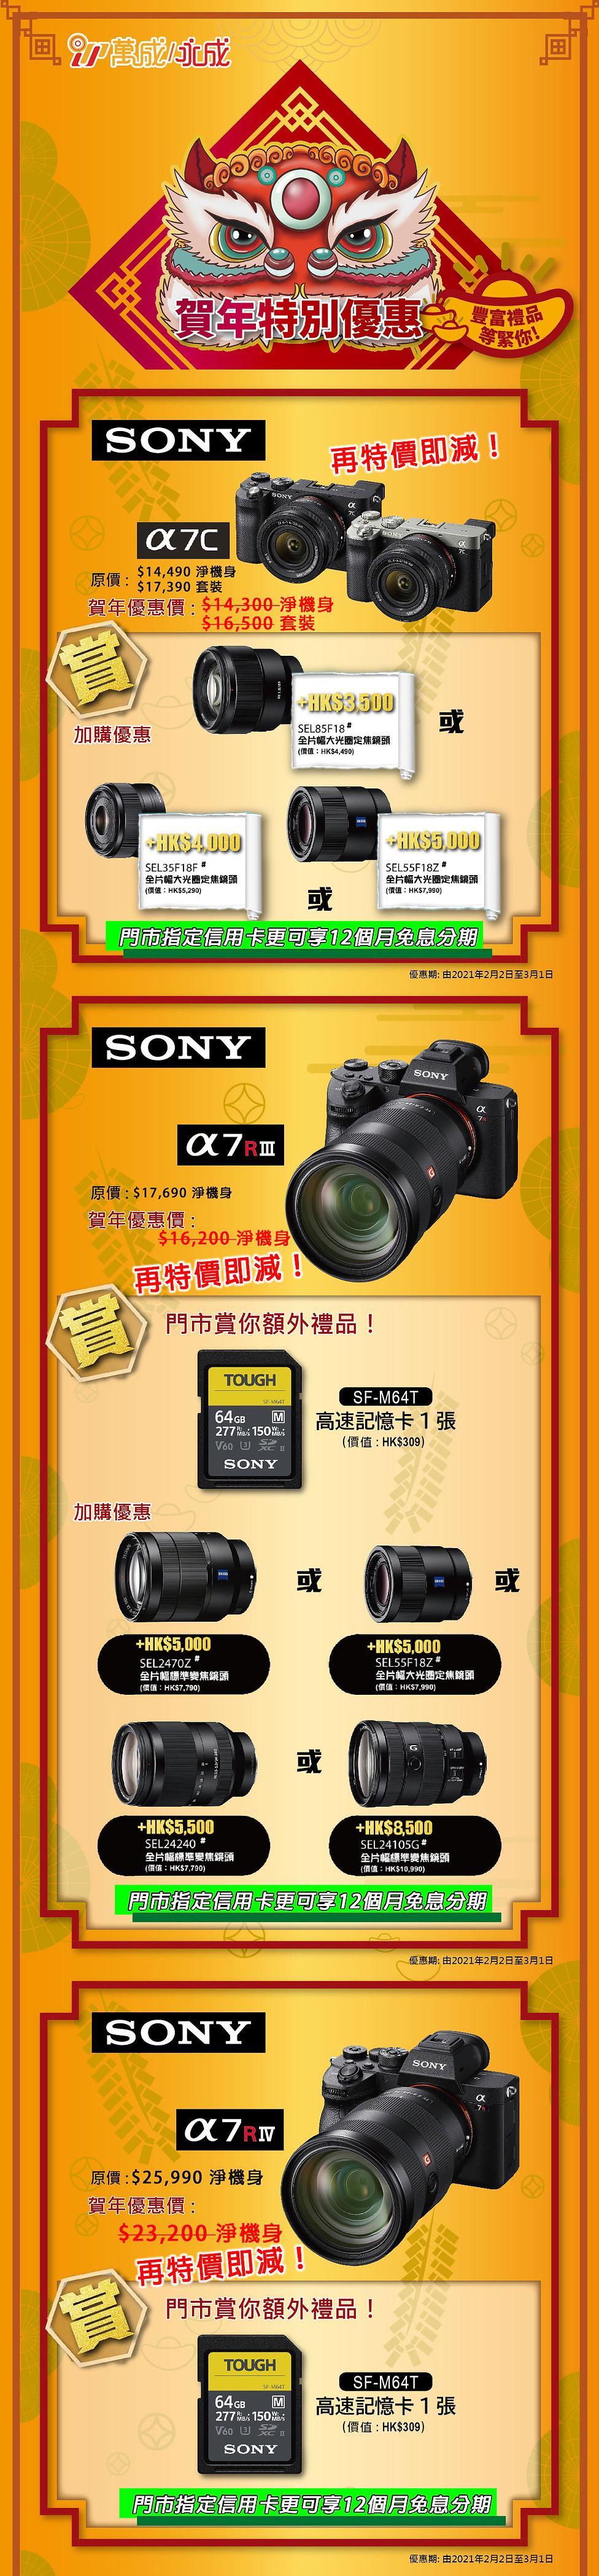 Ver-3--Sony-promo-facebook-v2.jpg